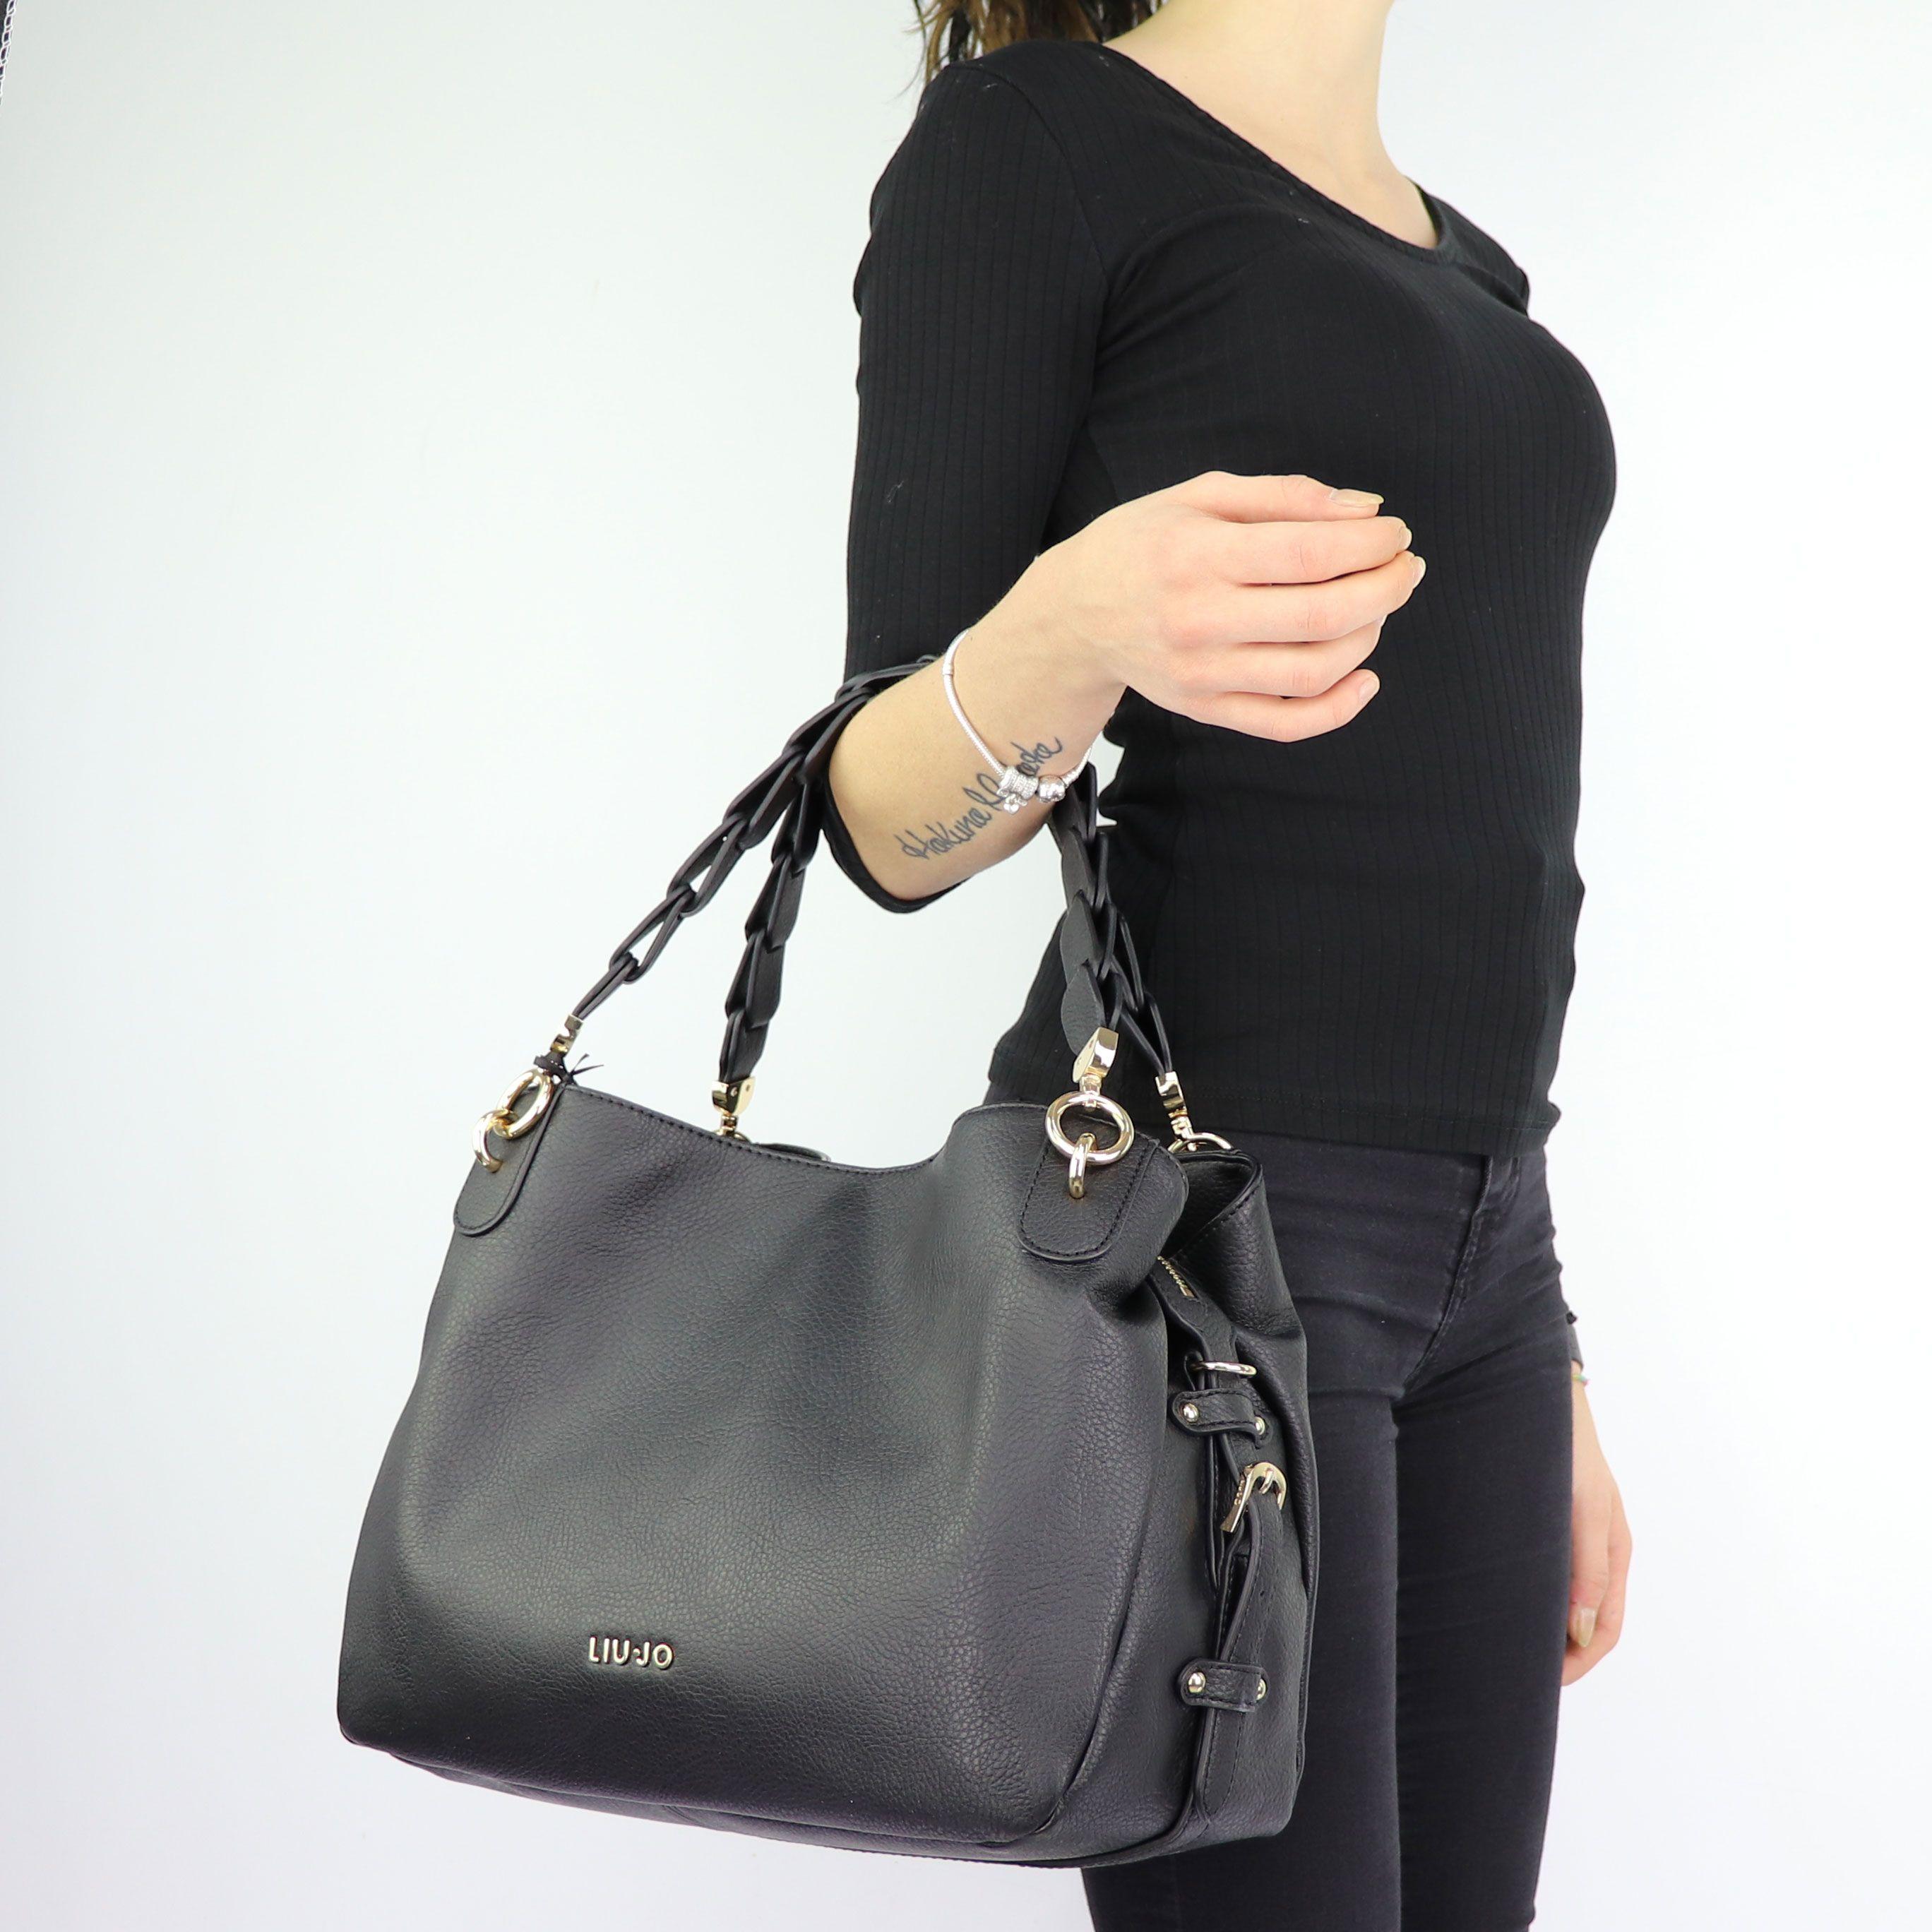 Bag satchel and shoulder Barona Liu Jo black size M A68134